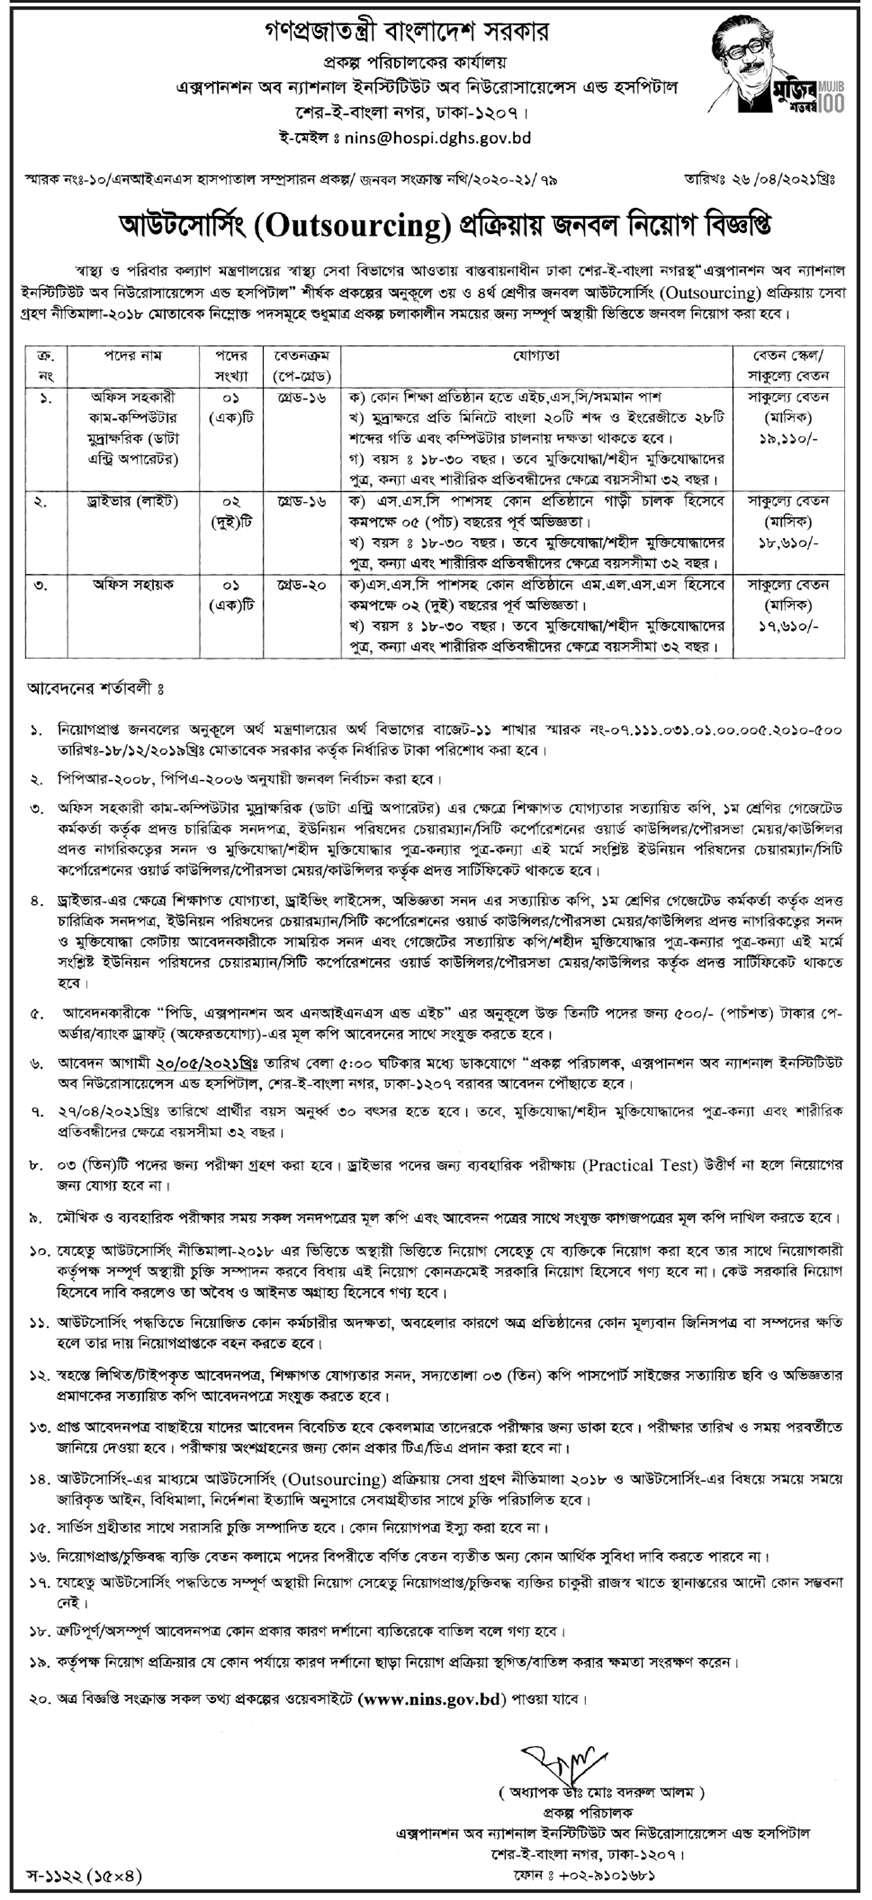 DGHS Job Circular 2021